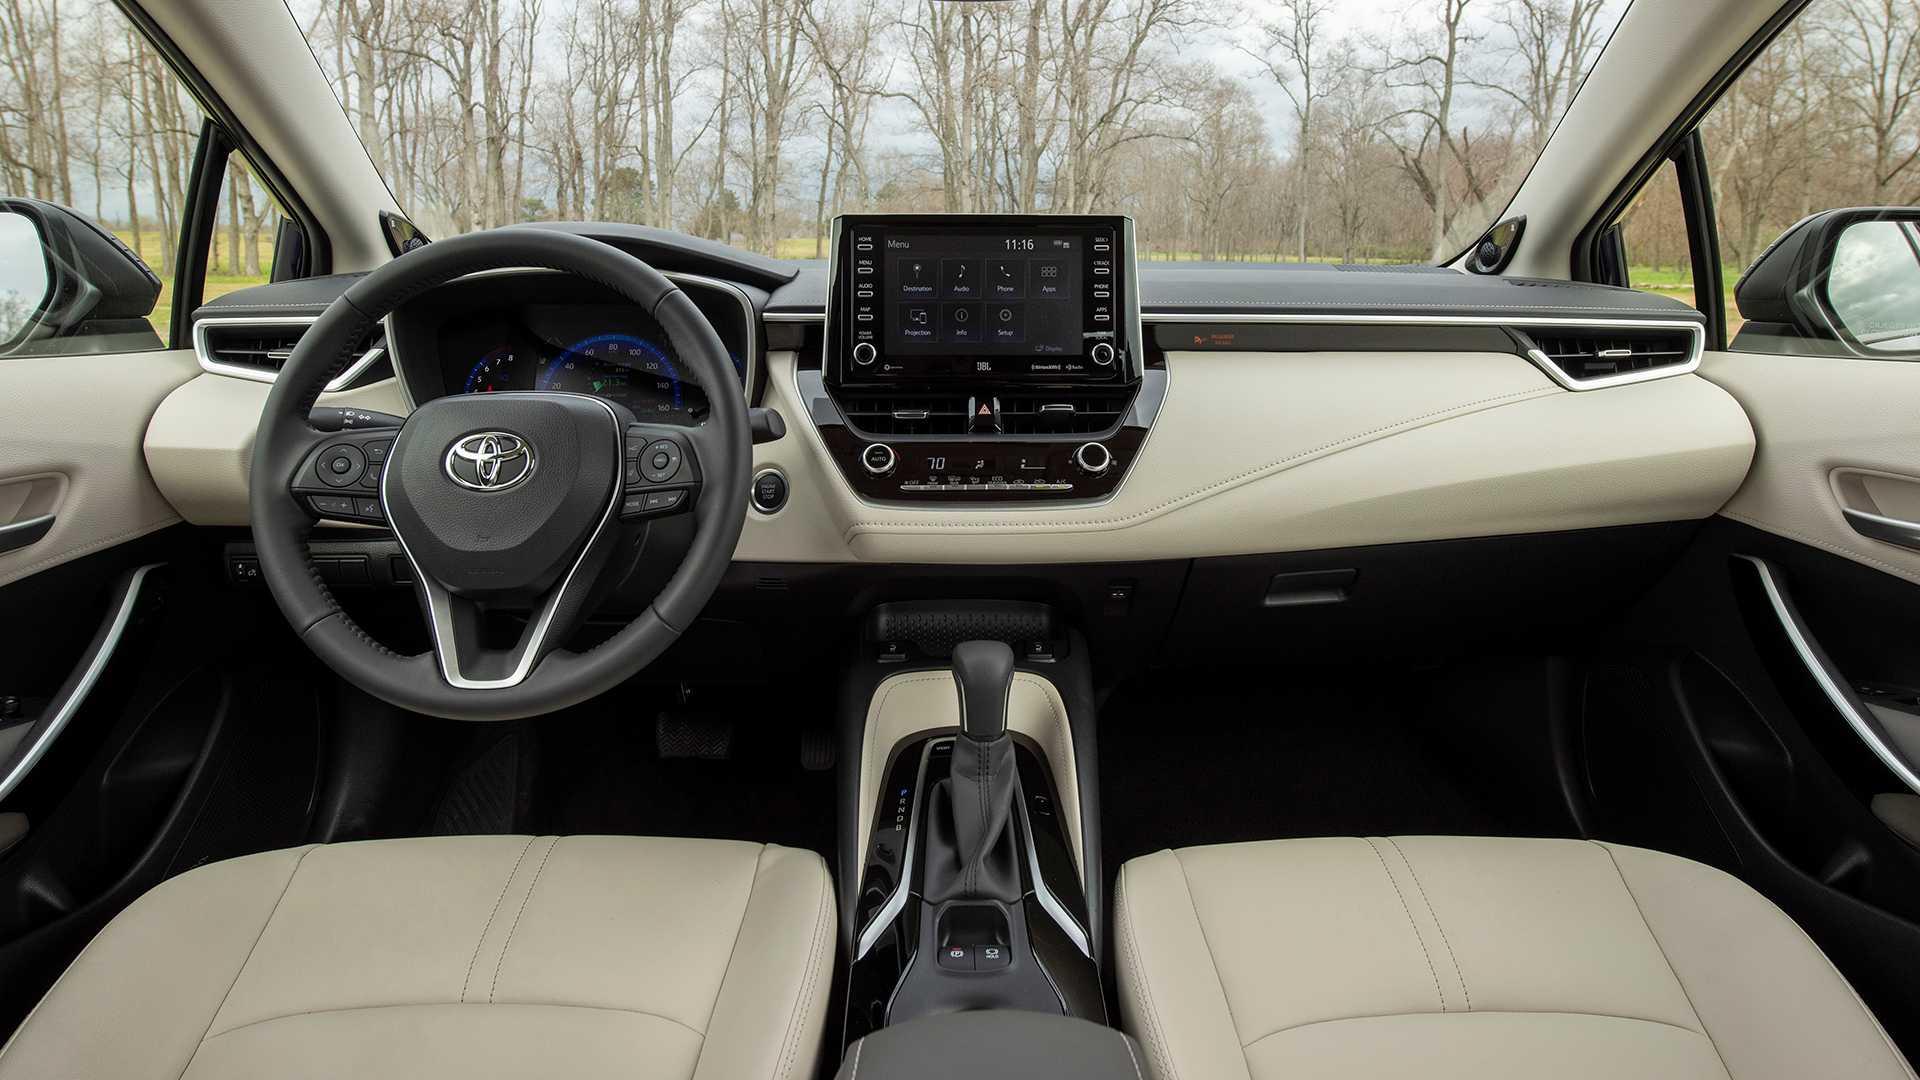 2020-toyota-corolla-sedan-danh-gia-11.jpg